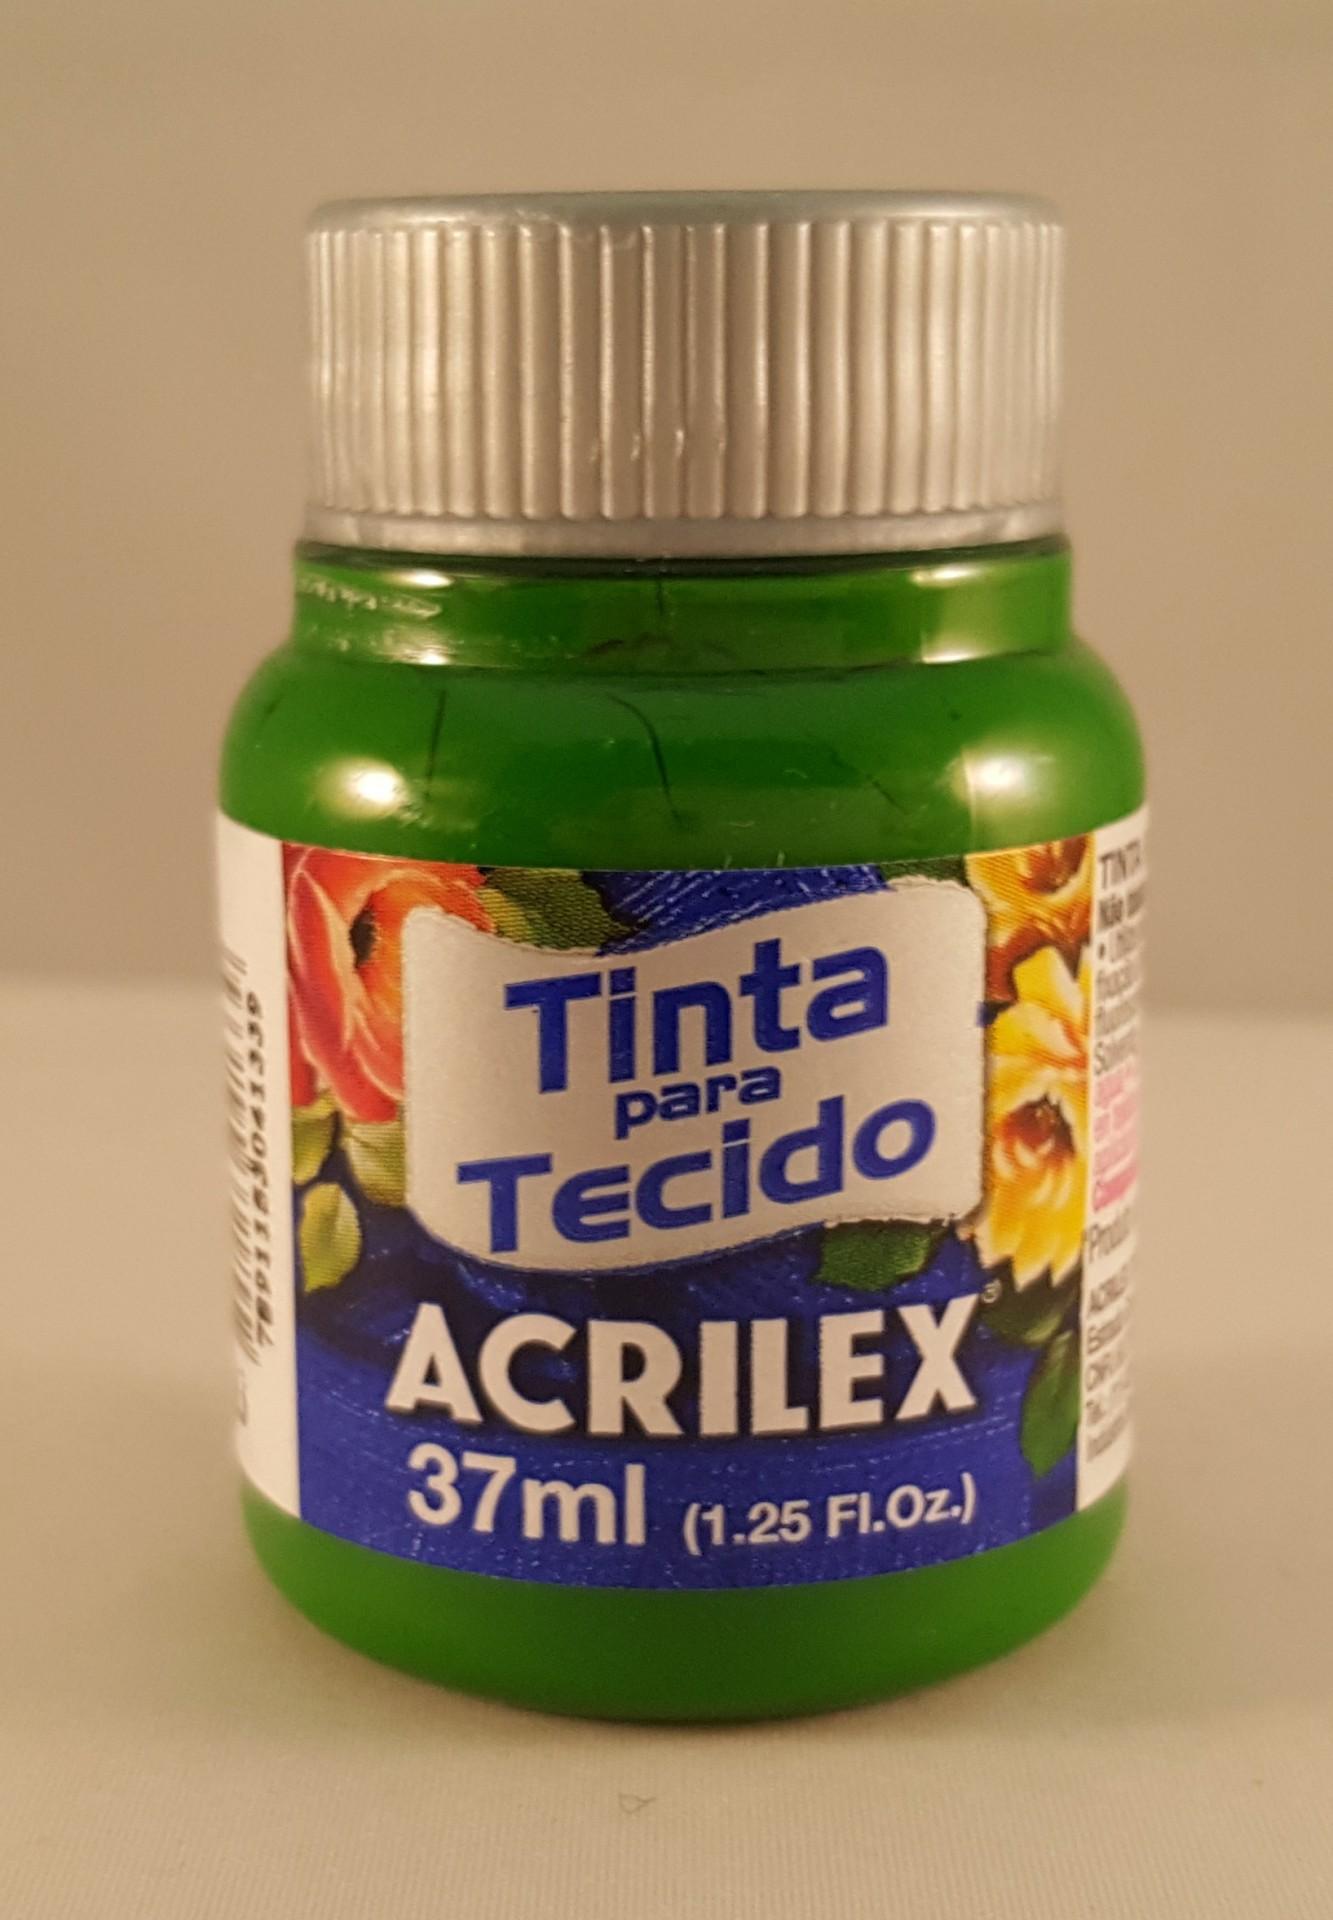 Tinta Tecido Acrilex verde musgo 513